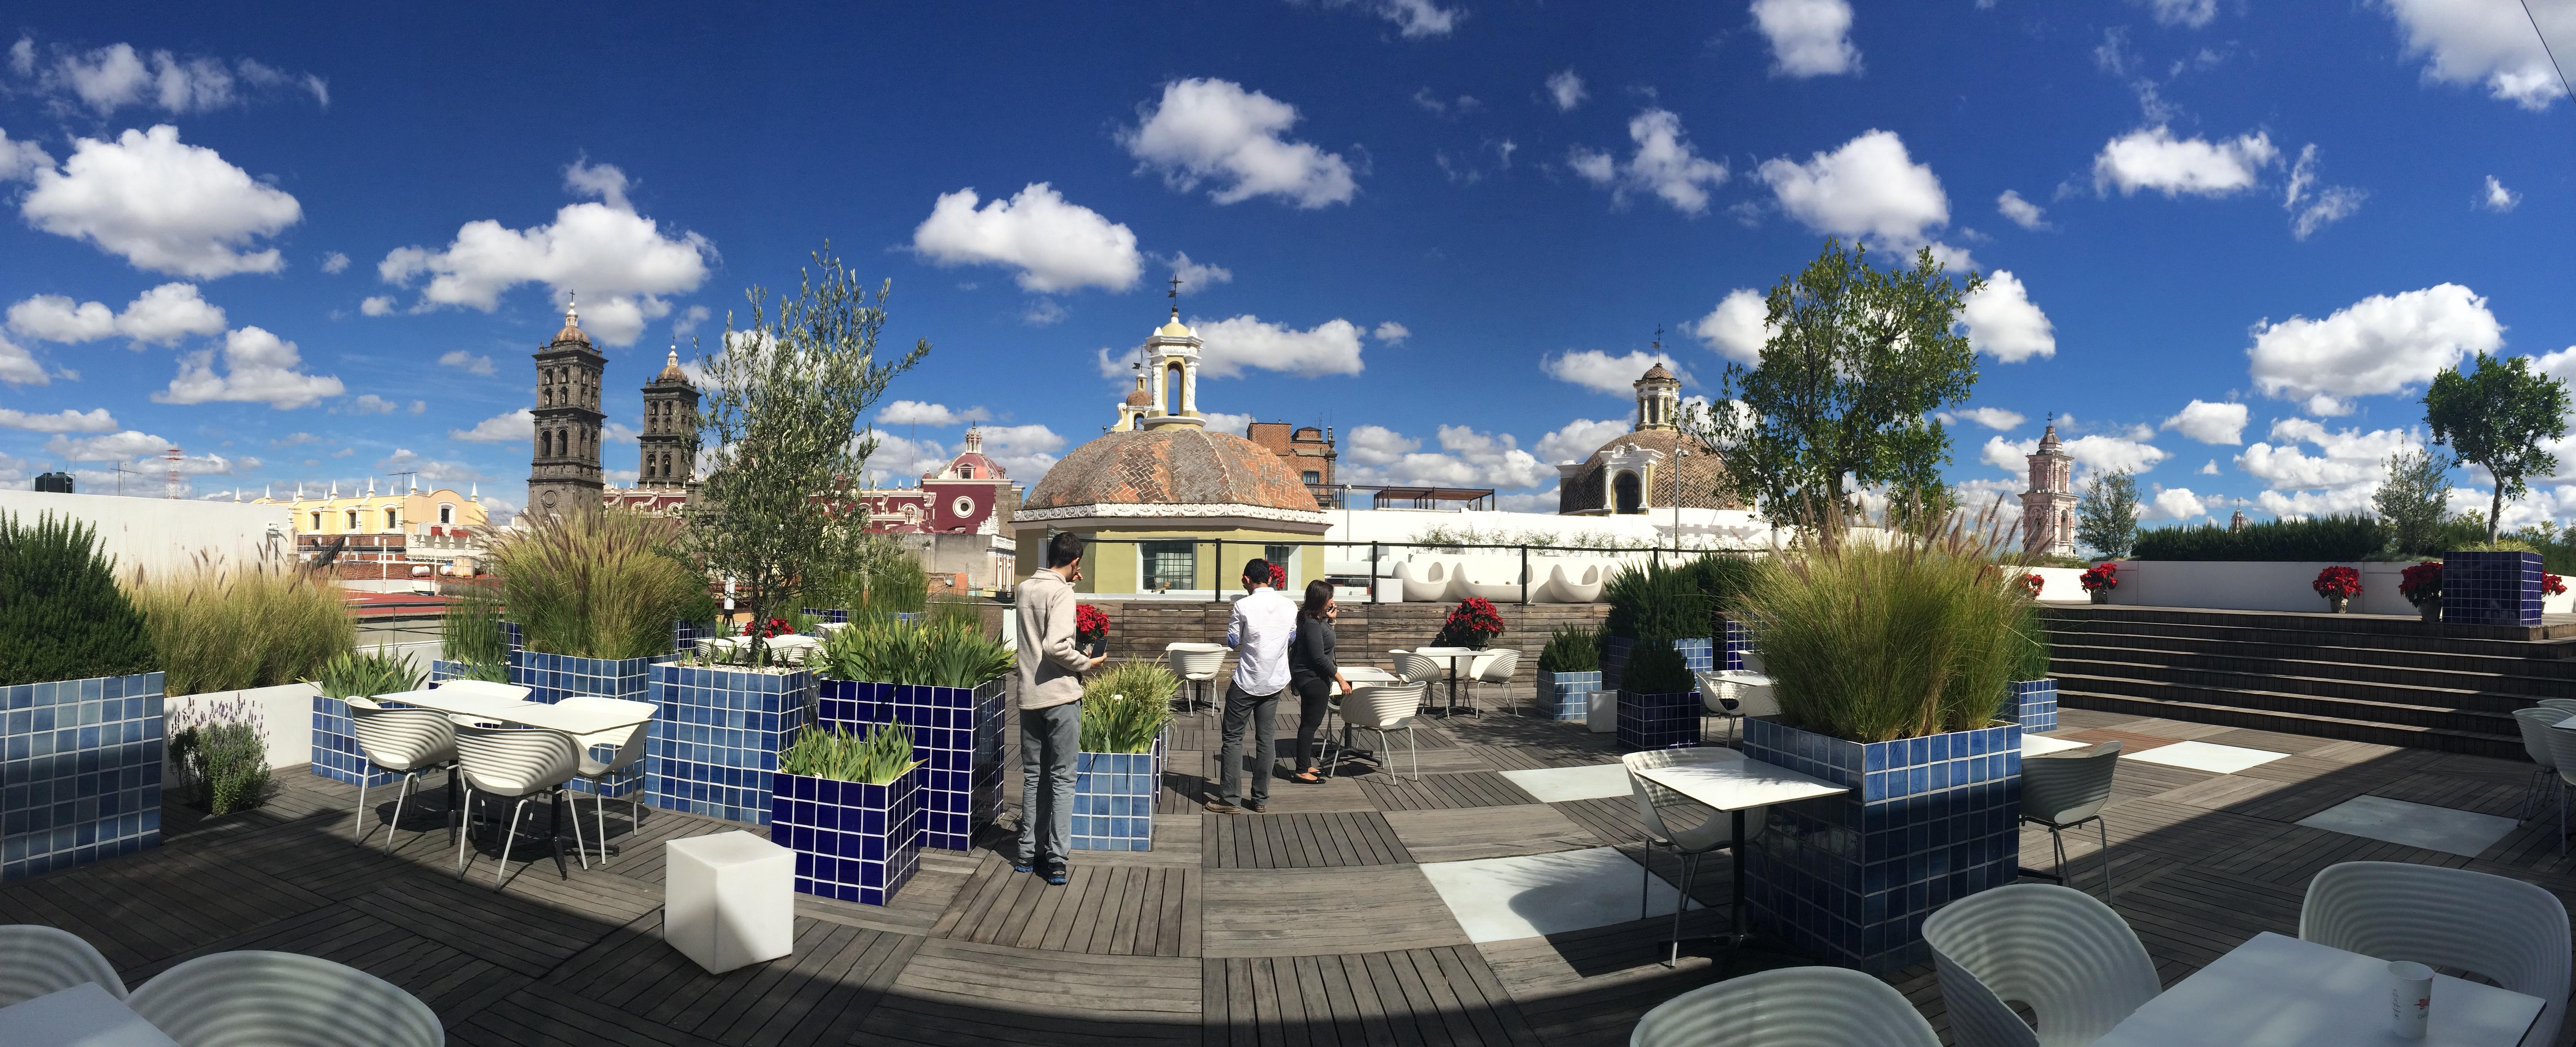 Cafe Amparo Puebla Cafe Amparo Puebla Img